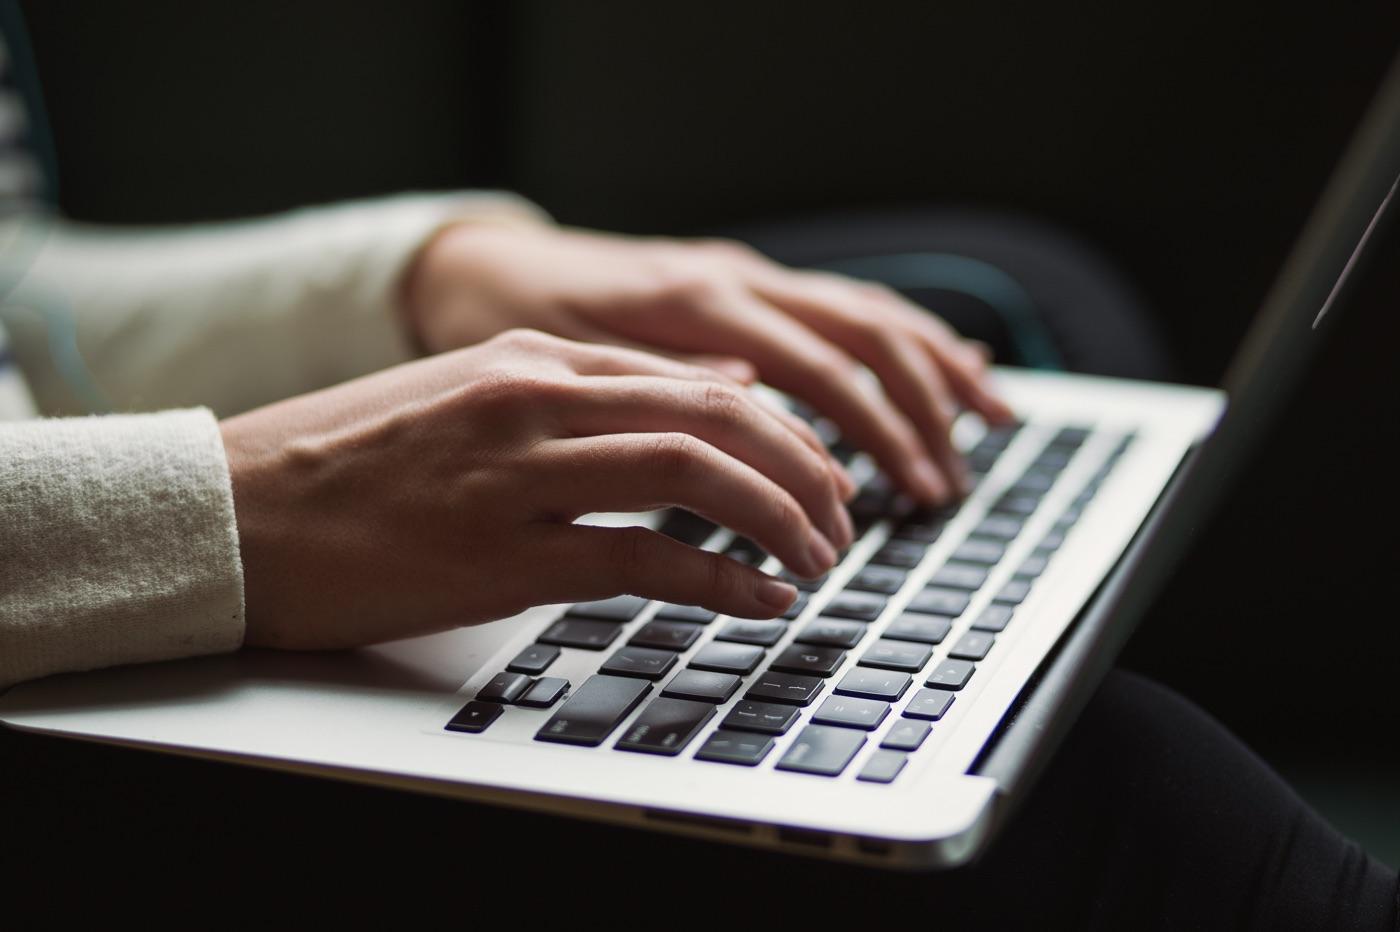 Prévision MacBook : fin des claviers papillon dès 2019 ? 1